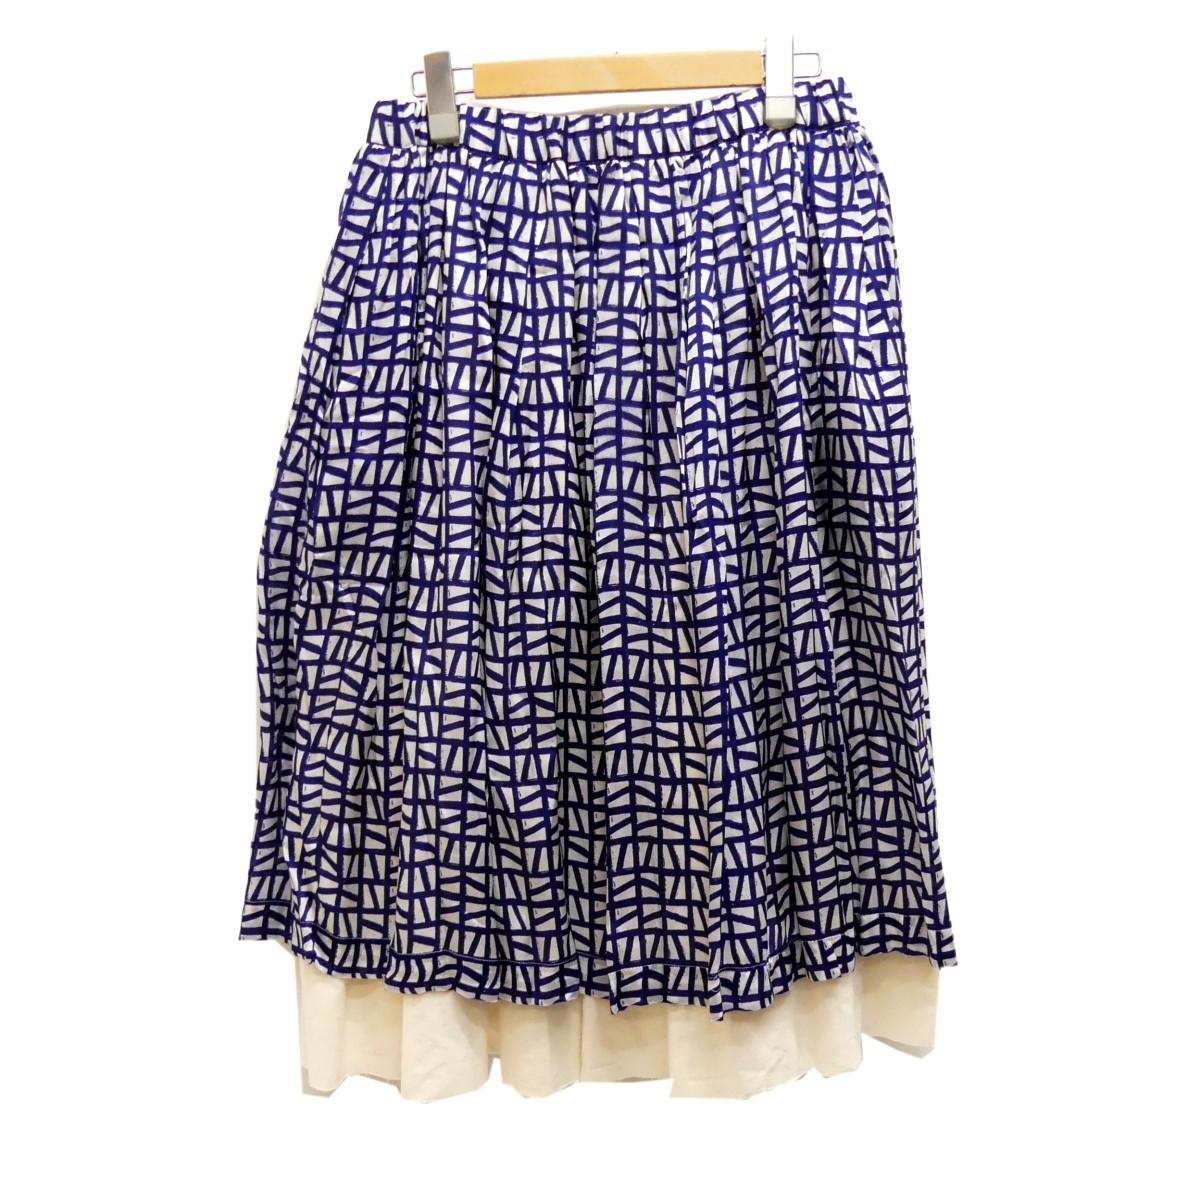 【中古】COMME des GARCONS2019SS シルクスカート ネイビー×ホワイト サイズ:SIZE S